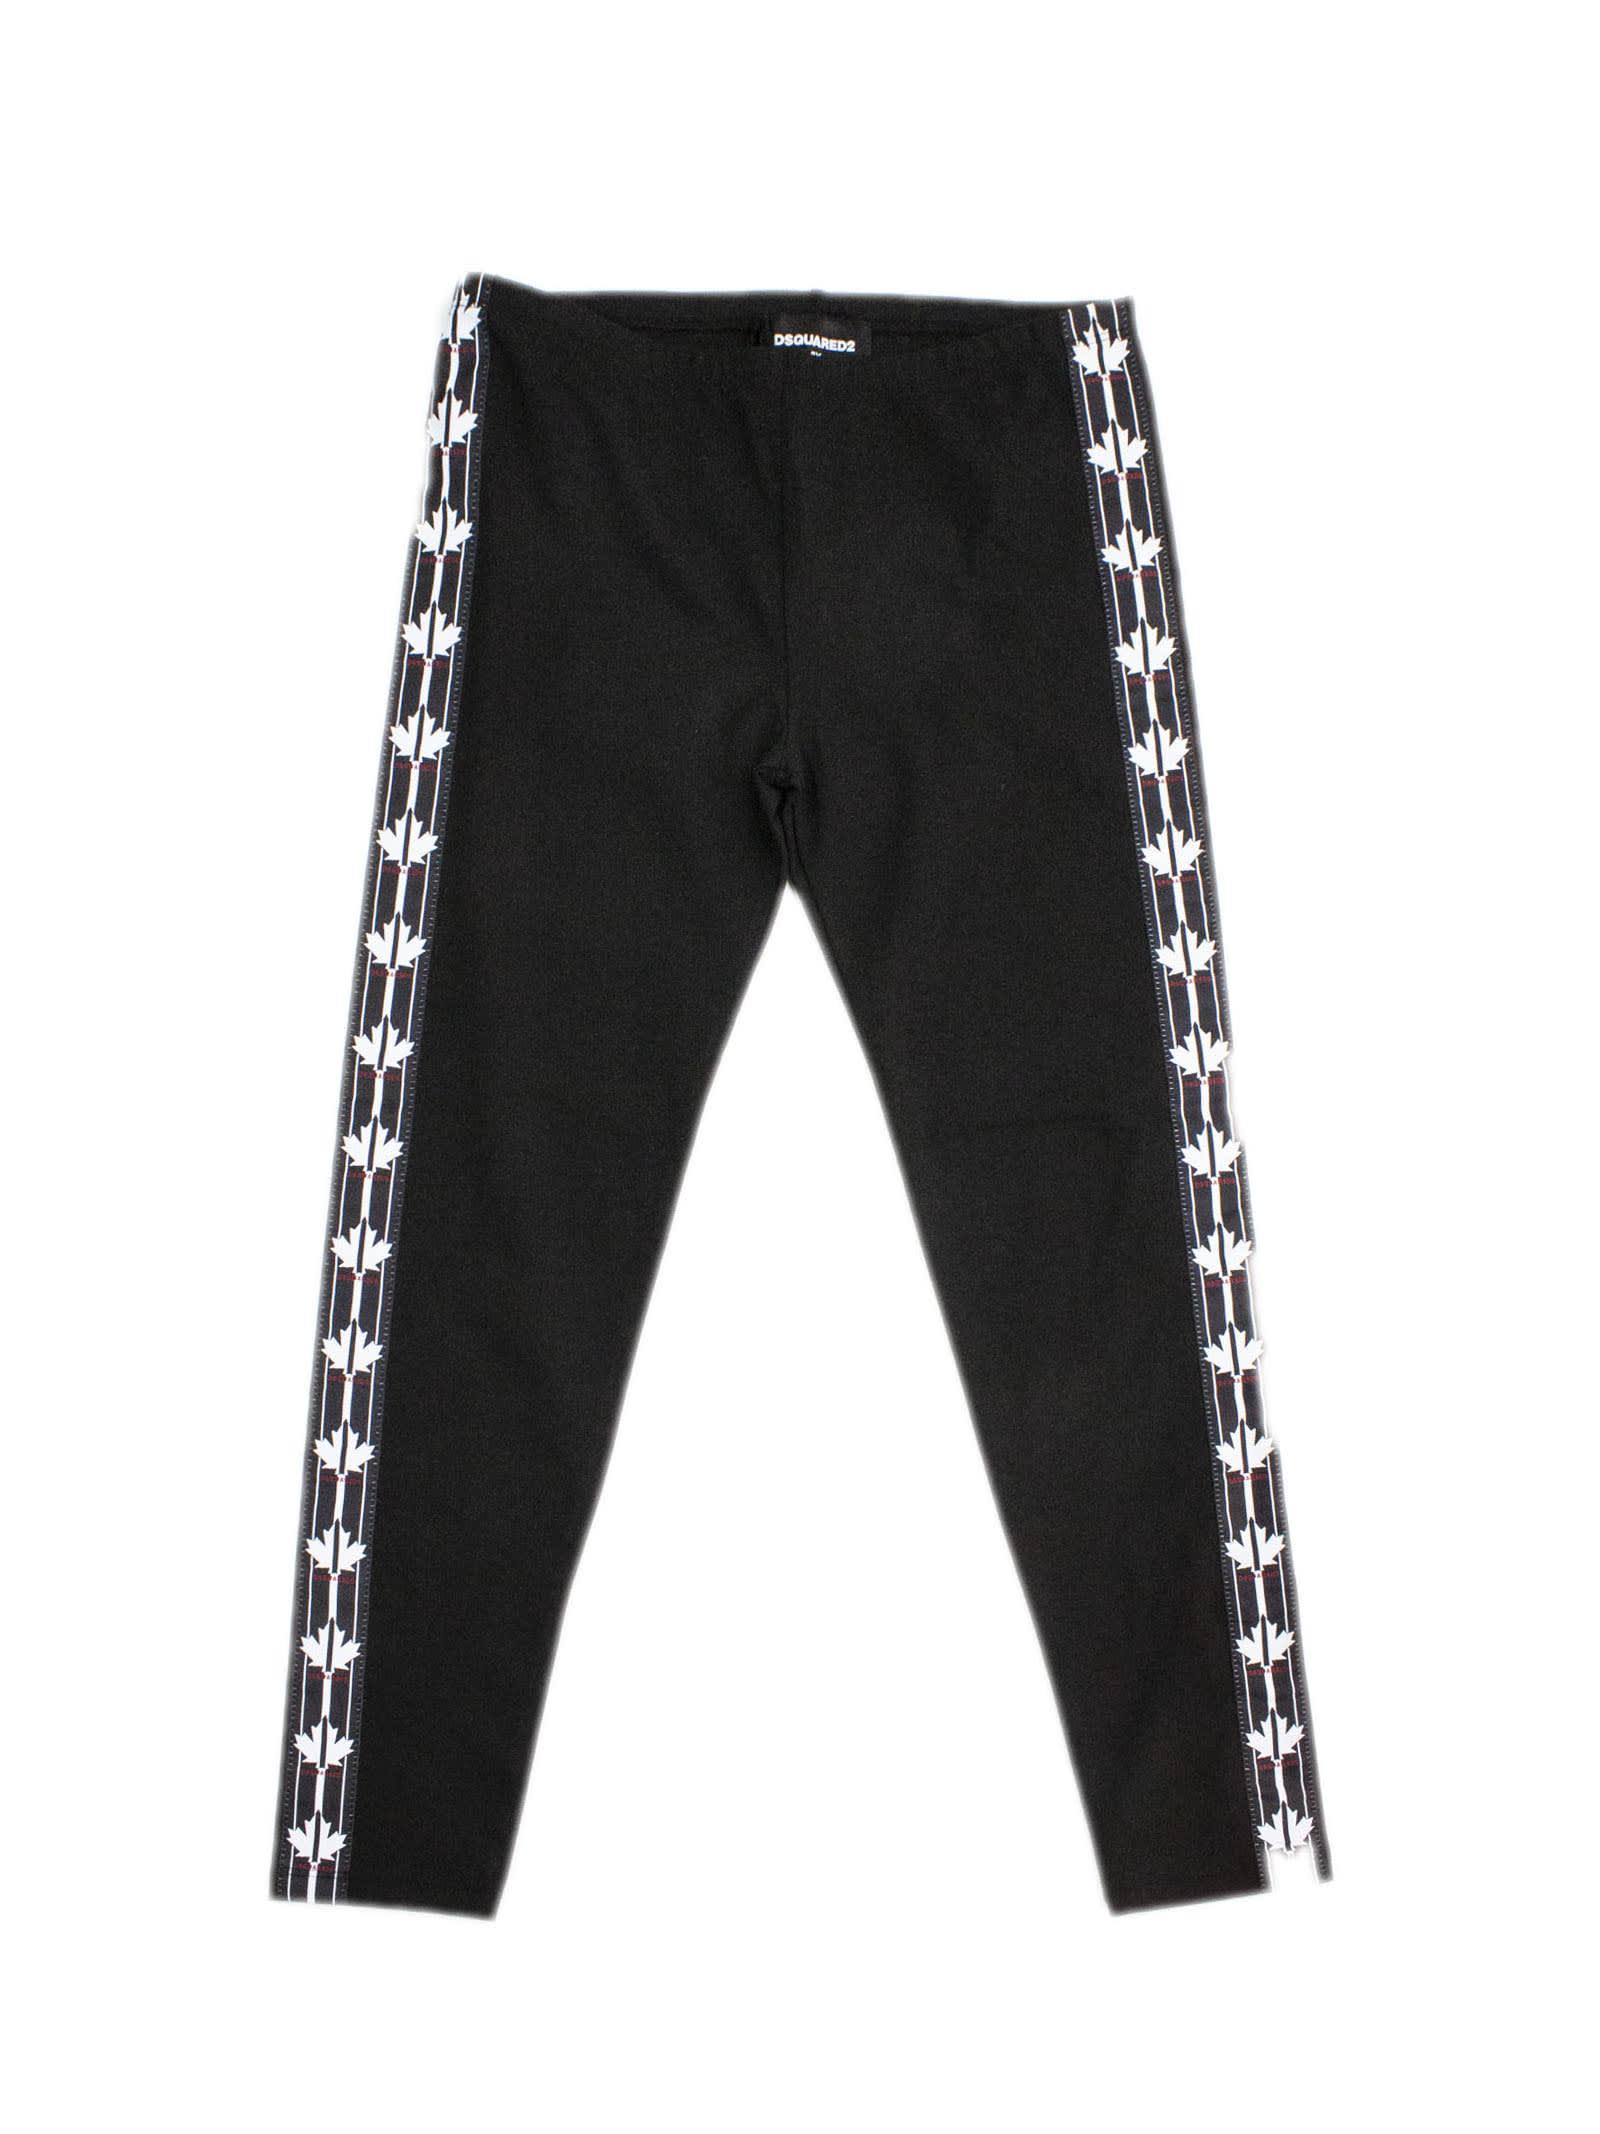 Black Cotton Tracksuit Pant